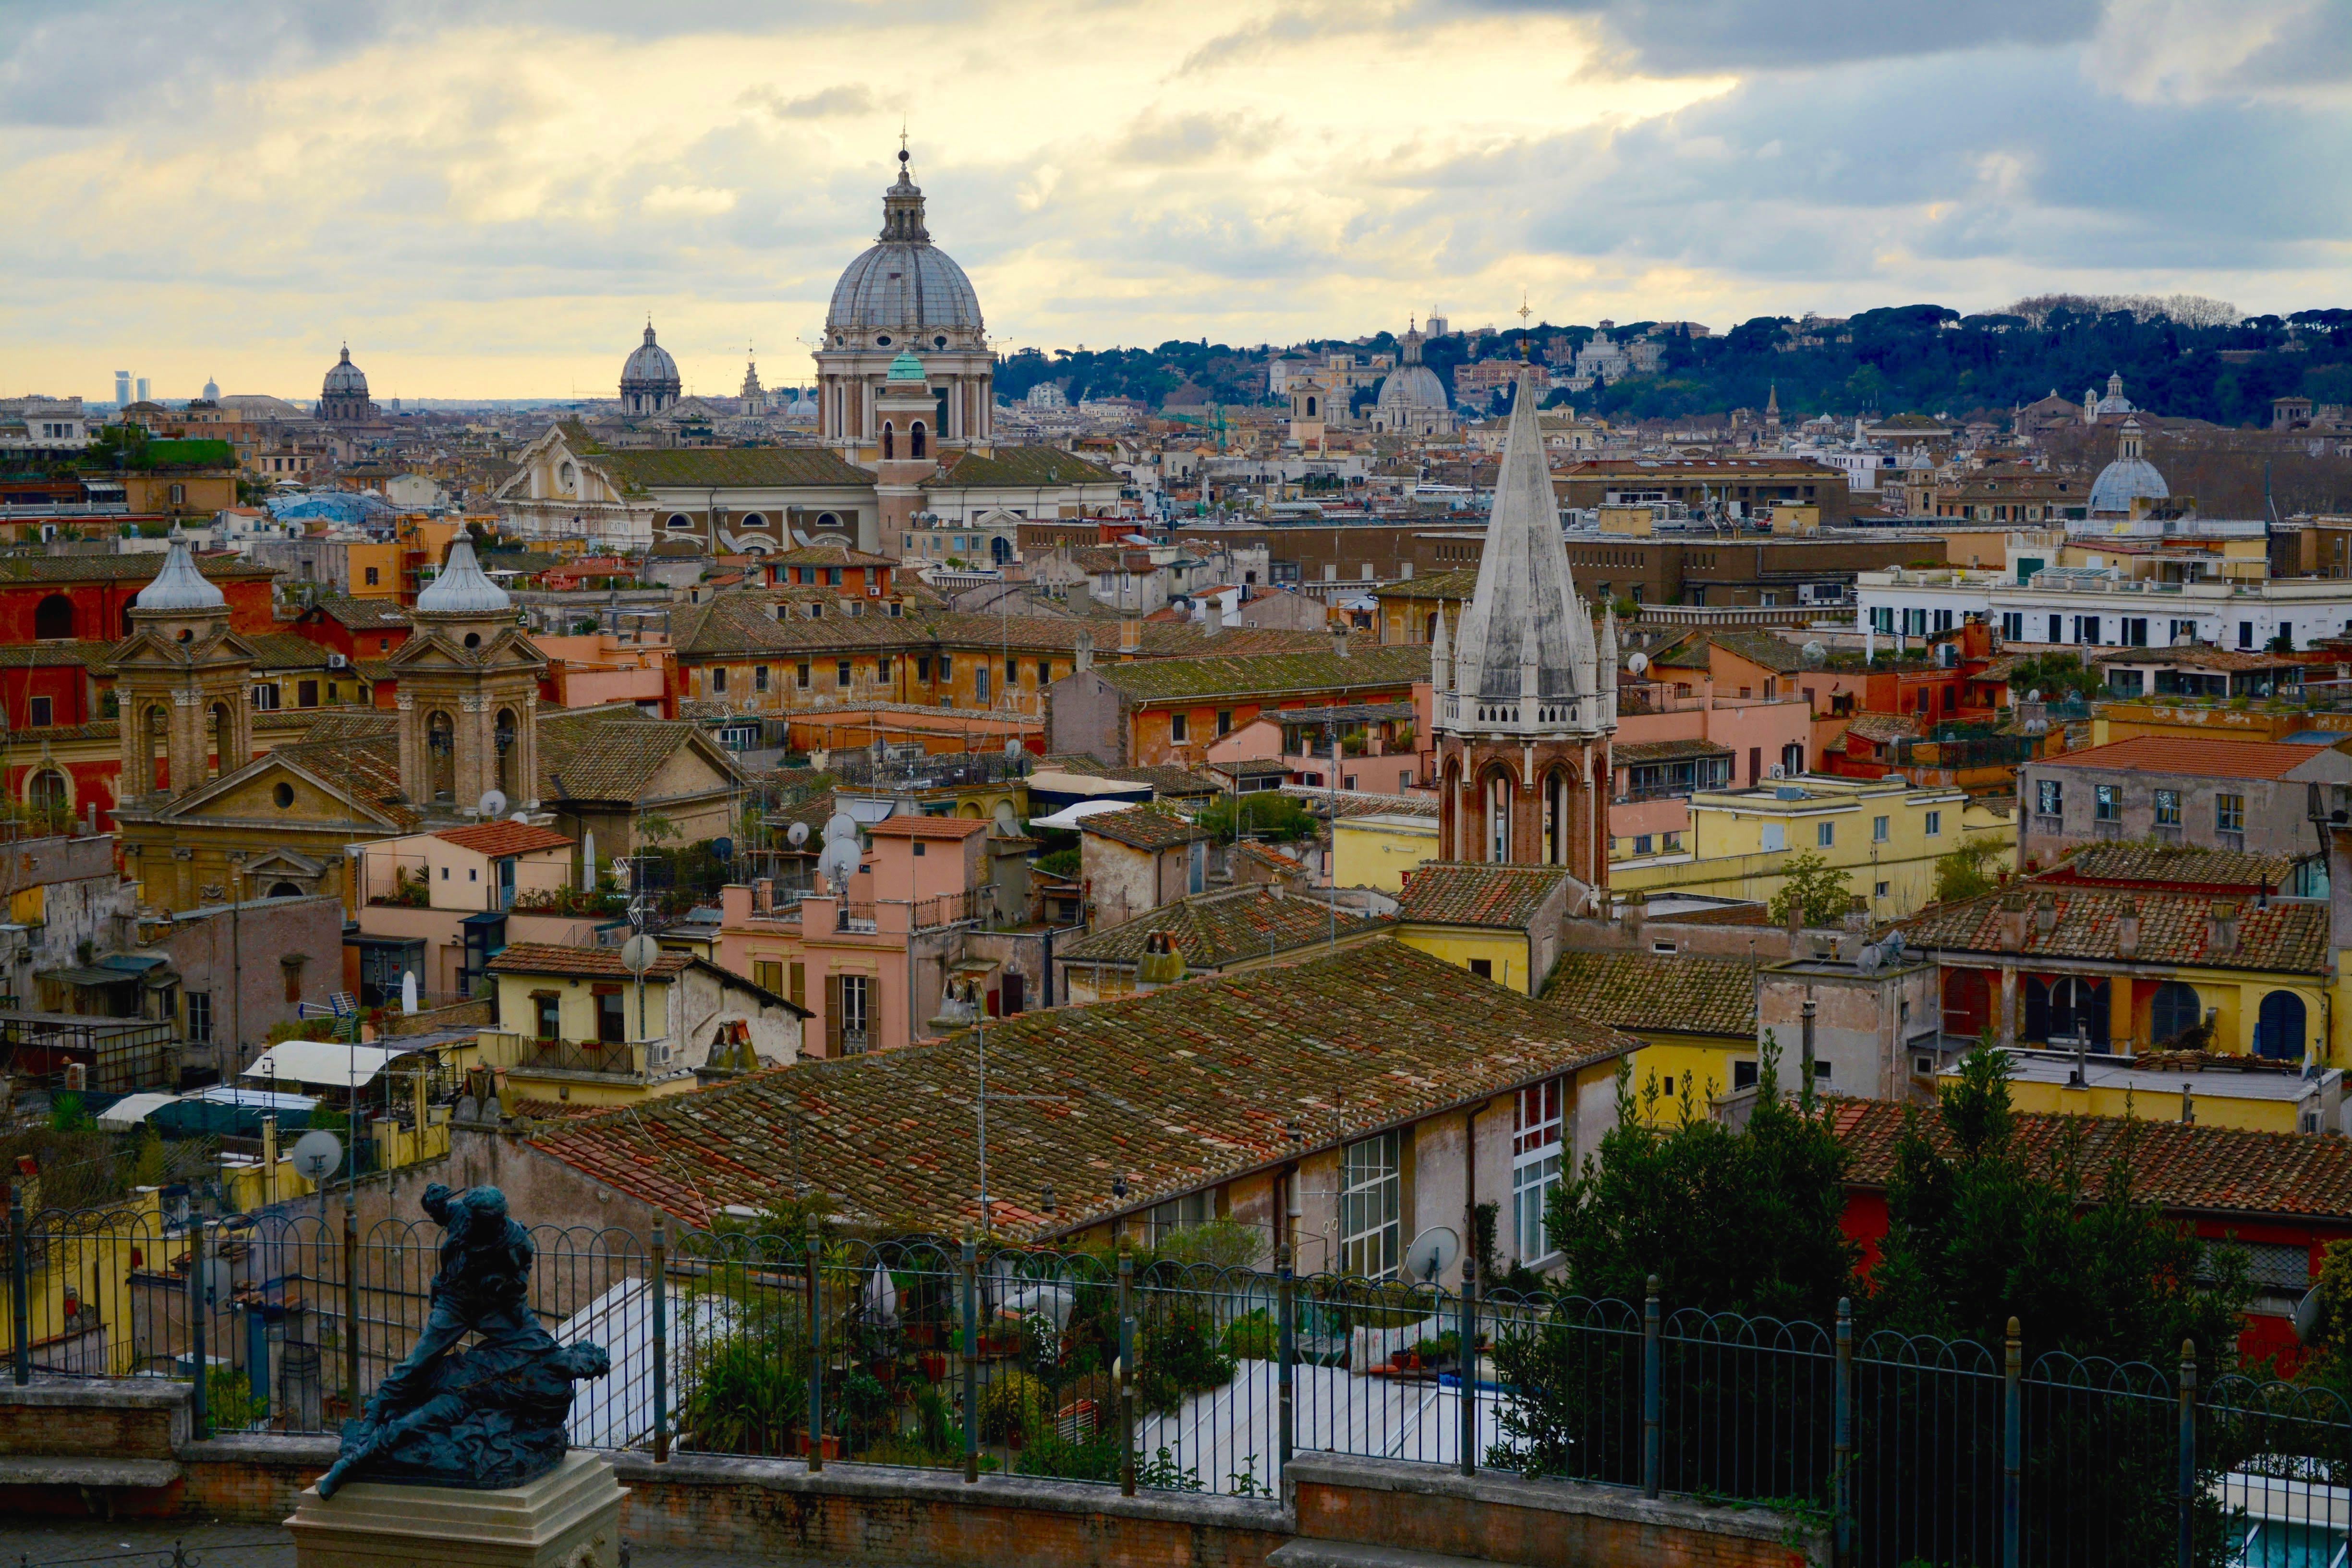 Italia, Italy, Roma, park, parque, Villa Borghese